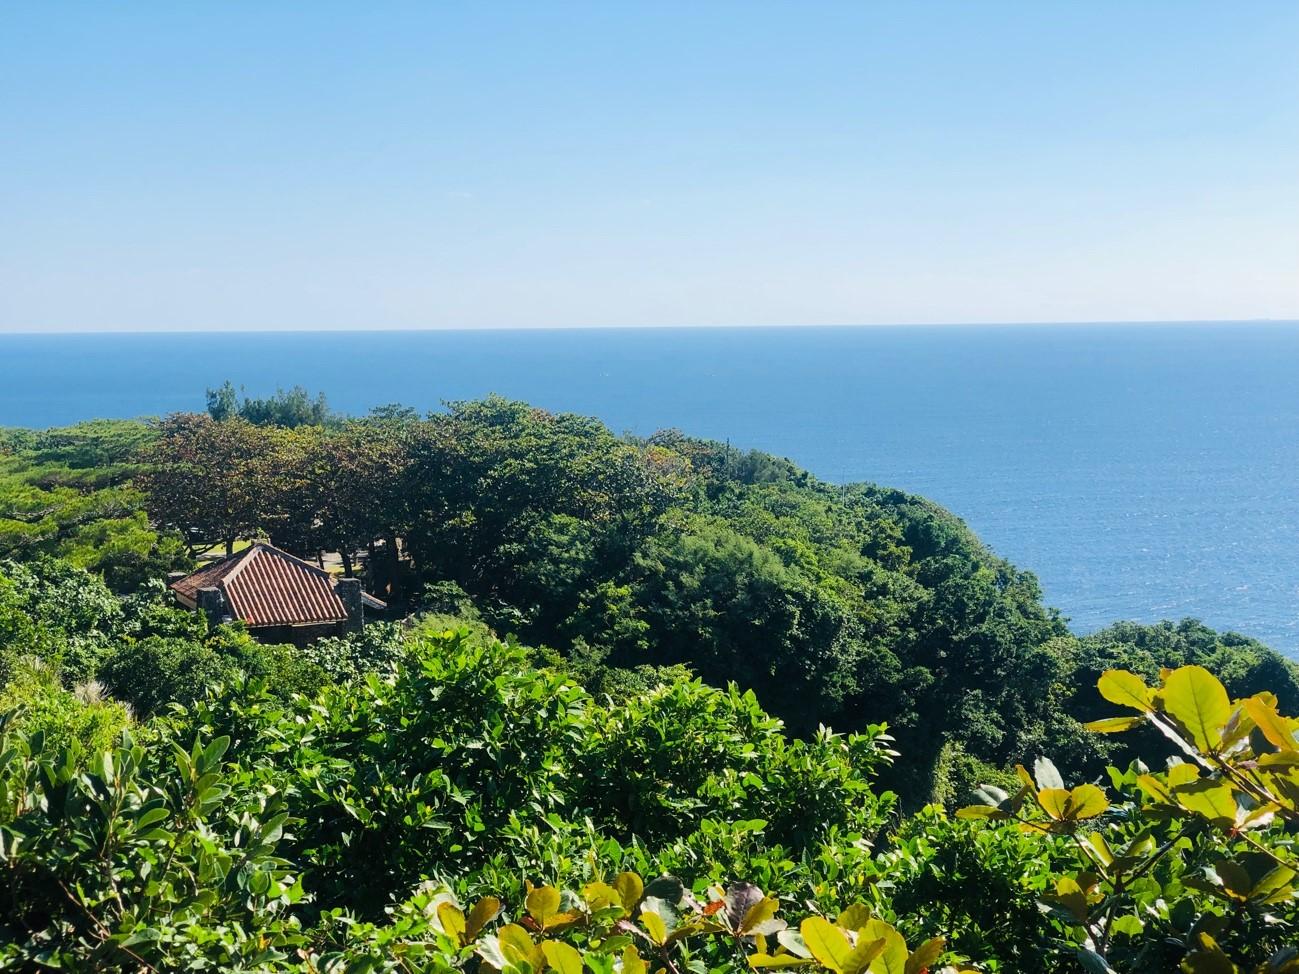 沖縄県糸満市「平和祈念公園」の「摩文仁の丘」の頂上からの景色